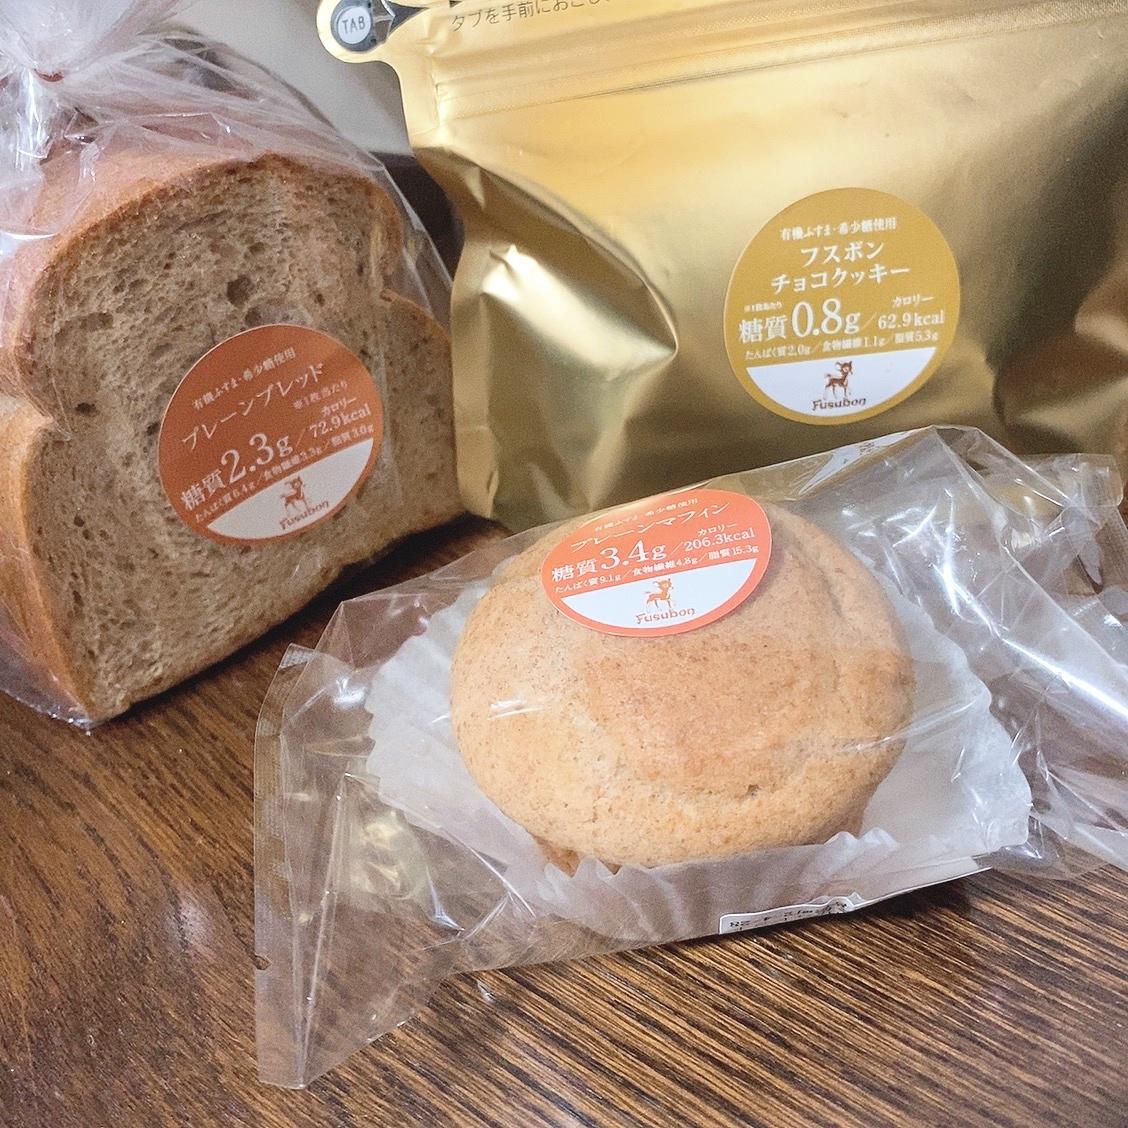 【行きつけ】糖質制限中でもOK!低糖質パン&スイーツ専門店_1_5-1